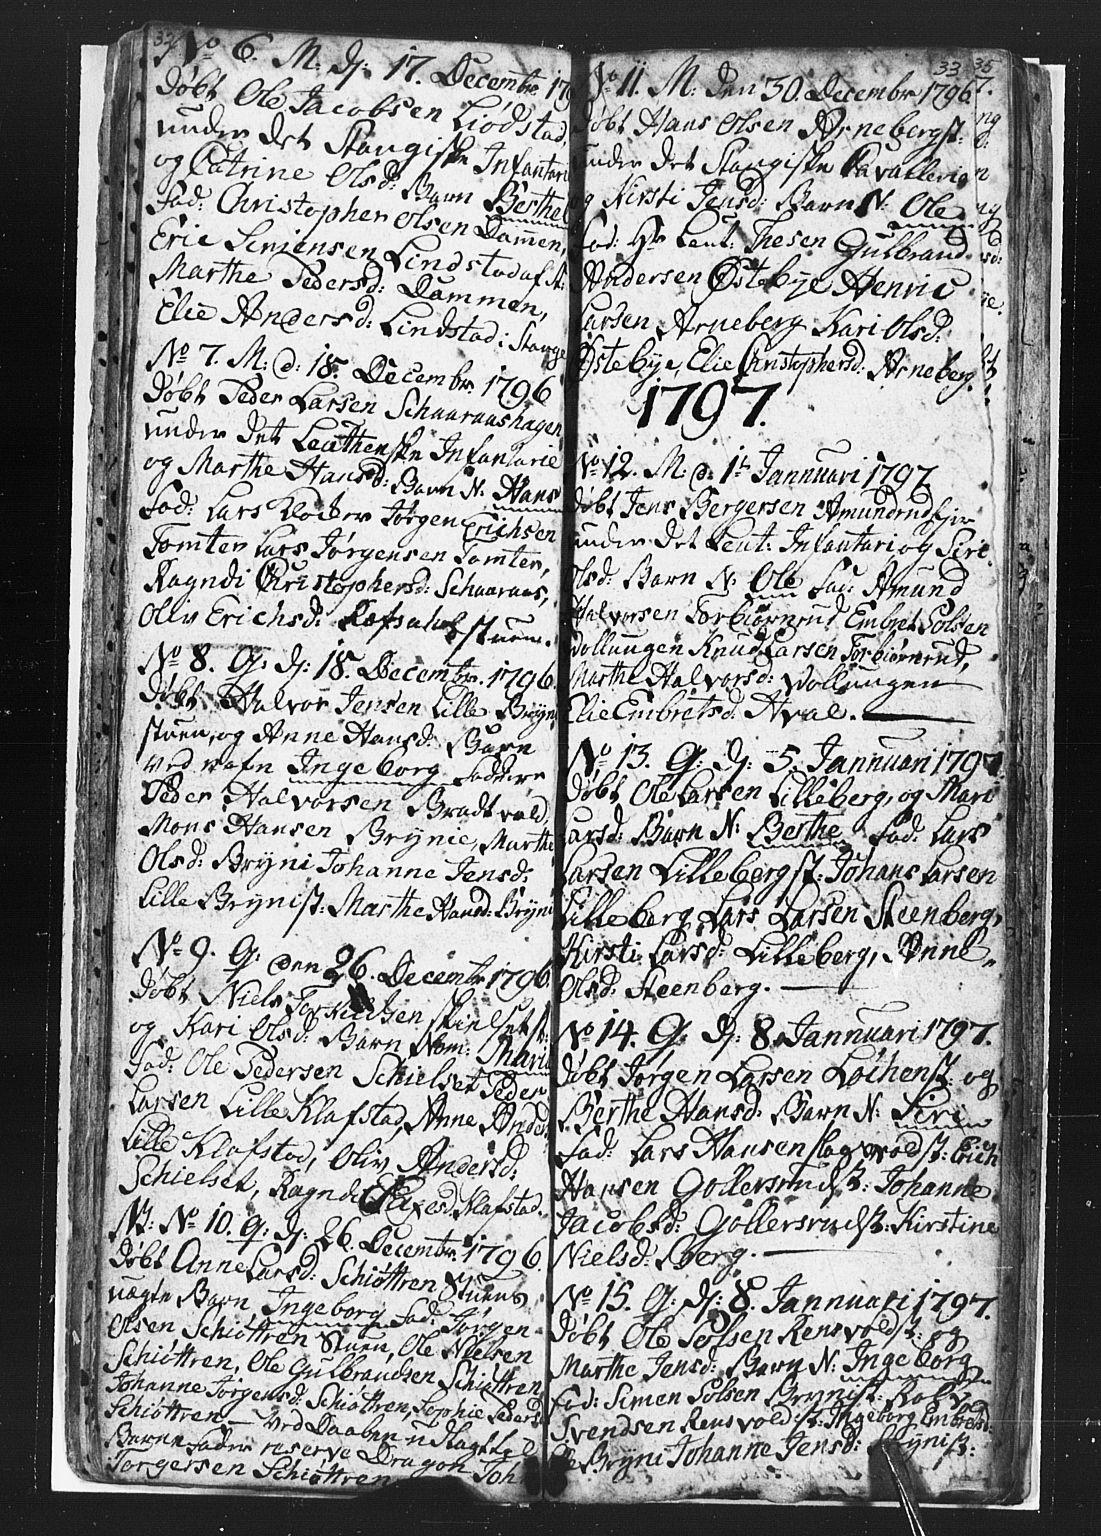 SAH, Romedal prestekontor, L/L0002: Klokkerbok nr. 2, 1795-1800, s. 32-33